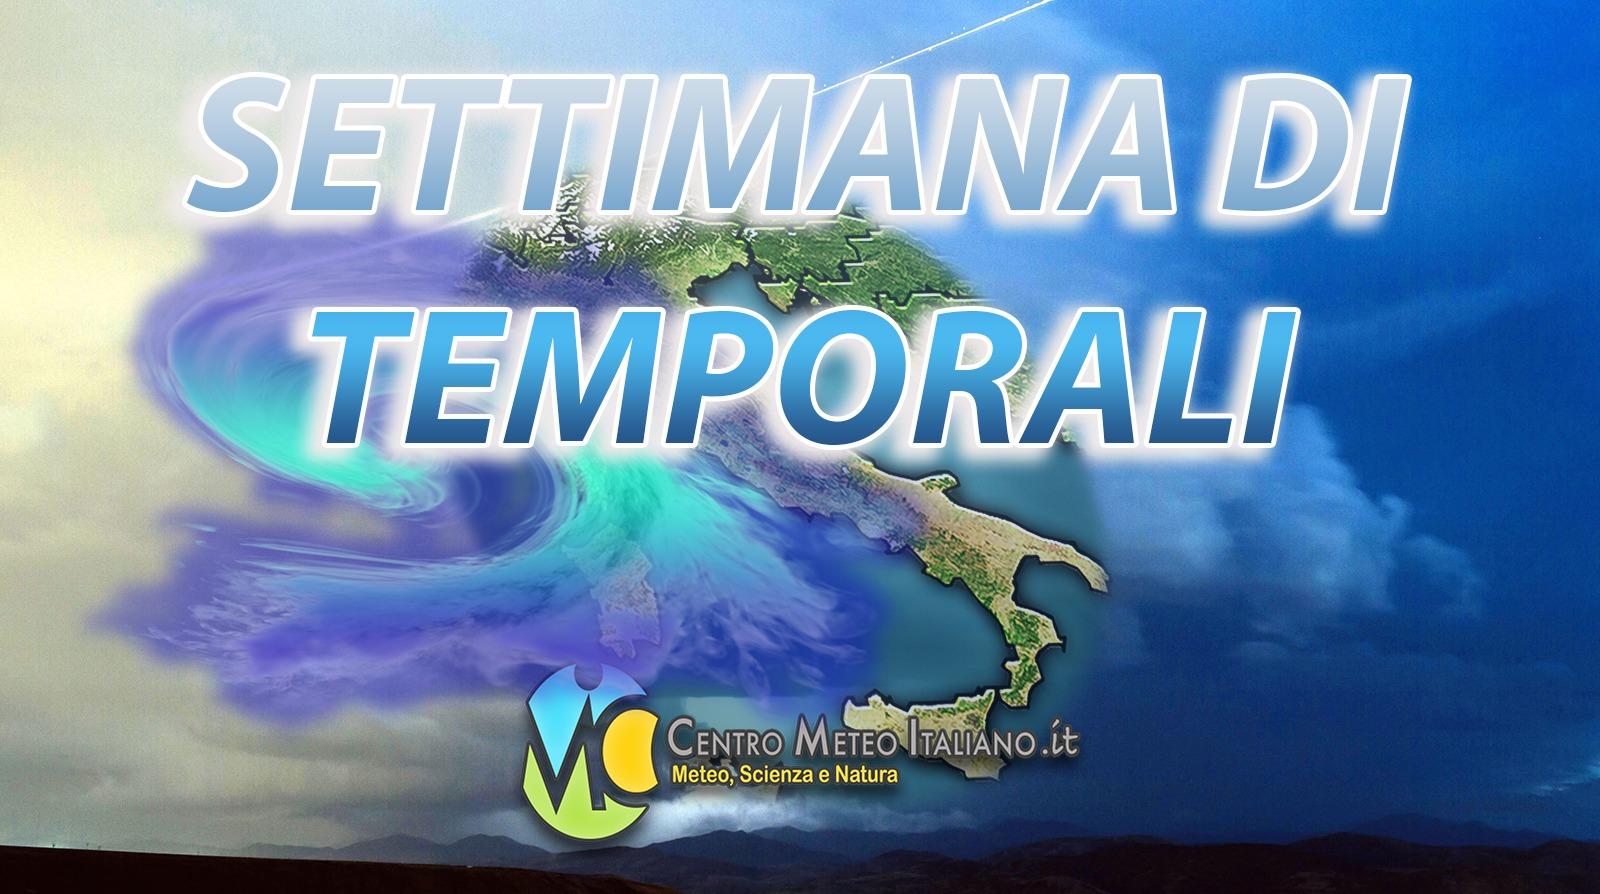 Temporali in arrivo in Italia nei prossimi giorni.